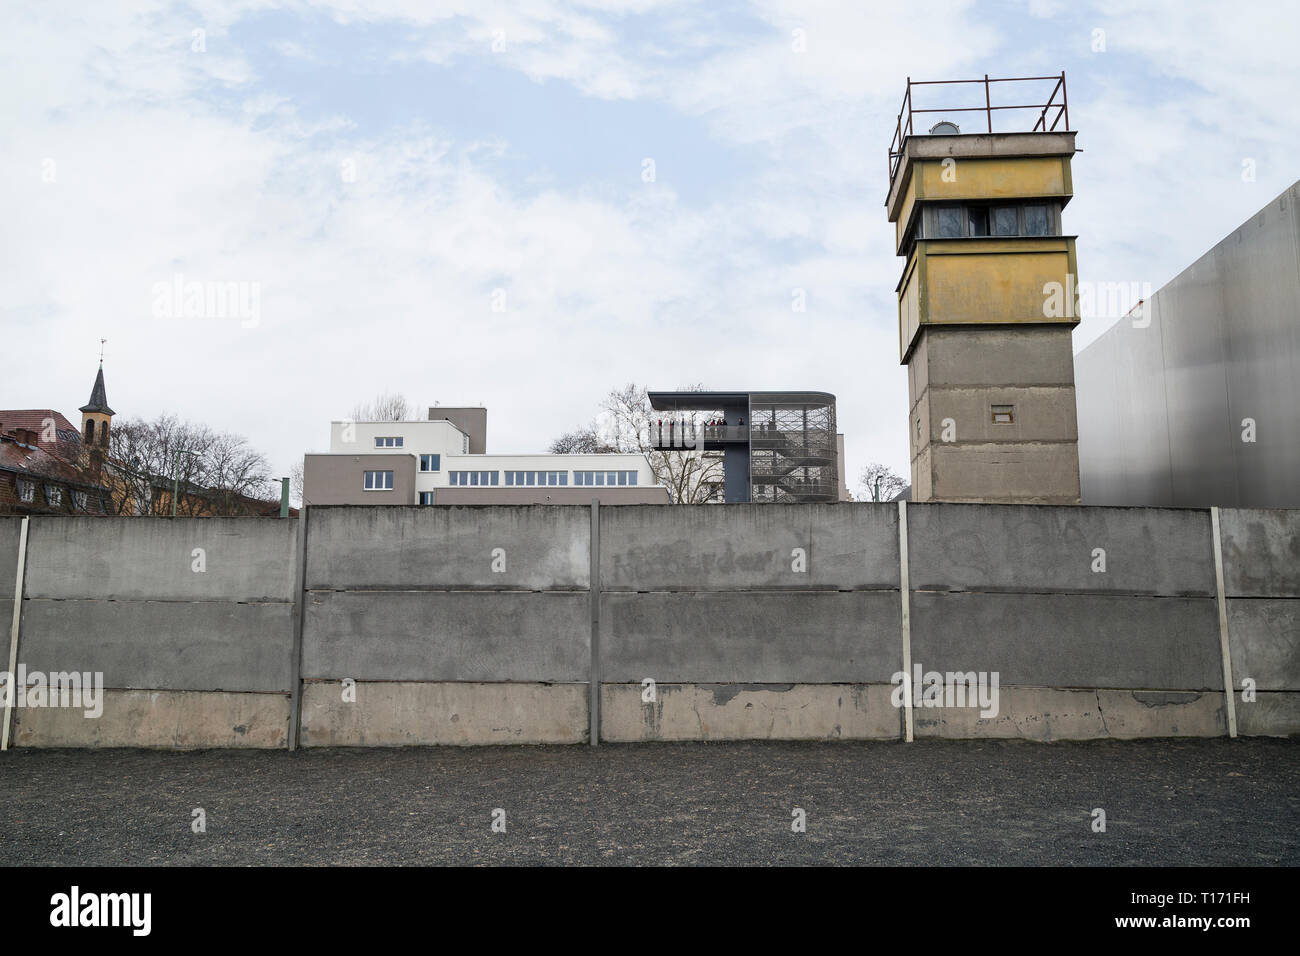 Berliner Mauer Und Wachturm An Der Gedenkstatte Berliner Mauer Berliner Mauer In Berlin Deutschland Dokumentationszentrum Und Aussichtsplattform Im Hintergrund Stockfotografie Alamy